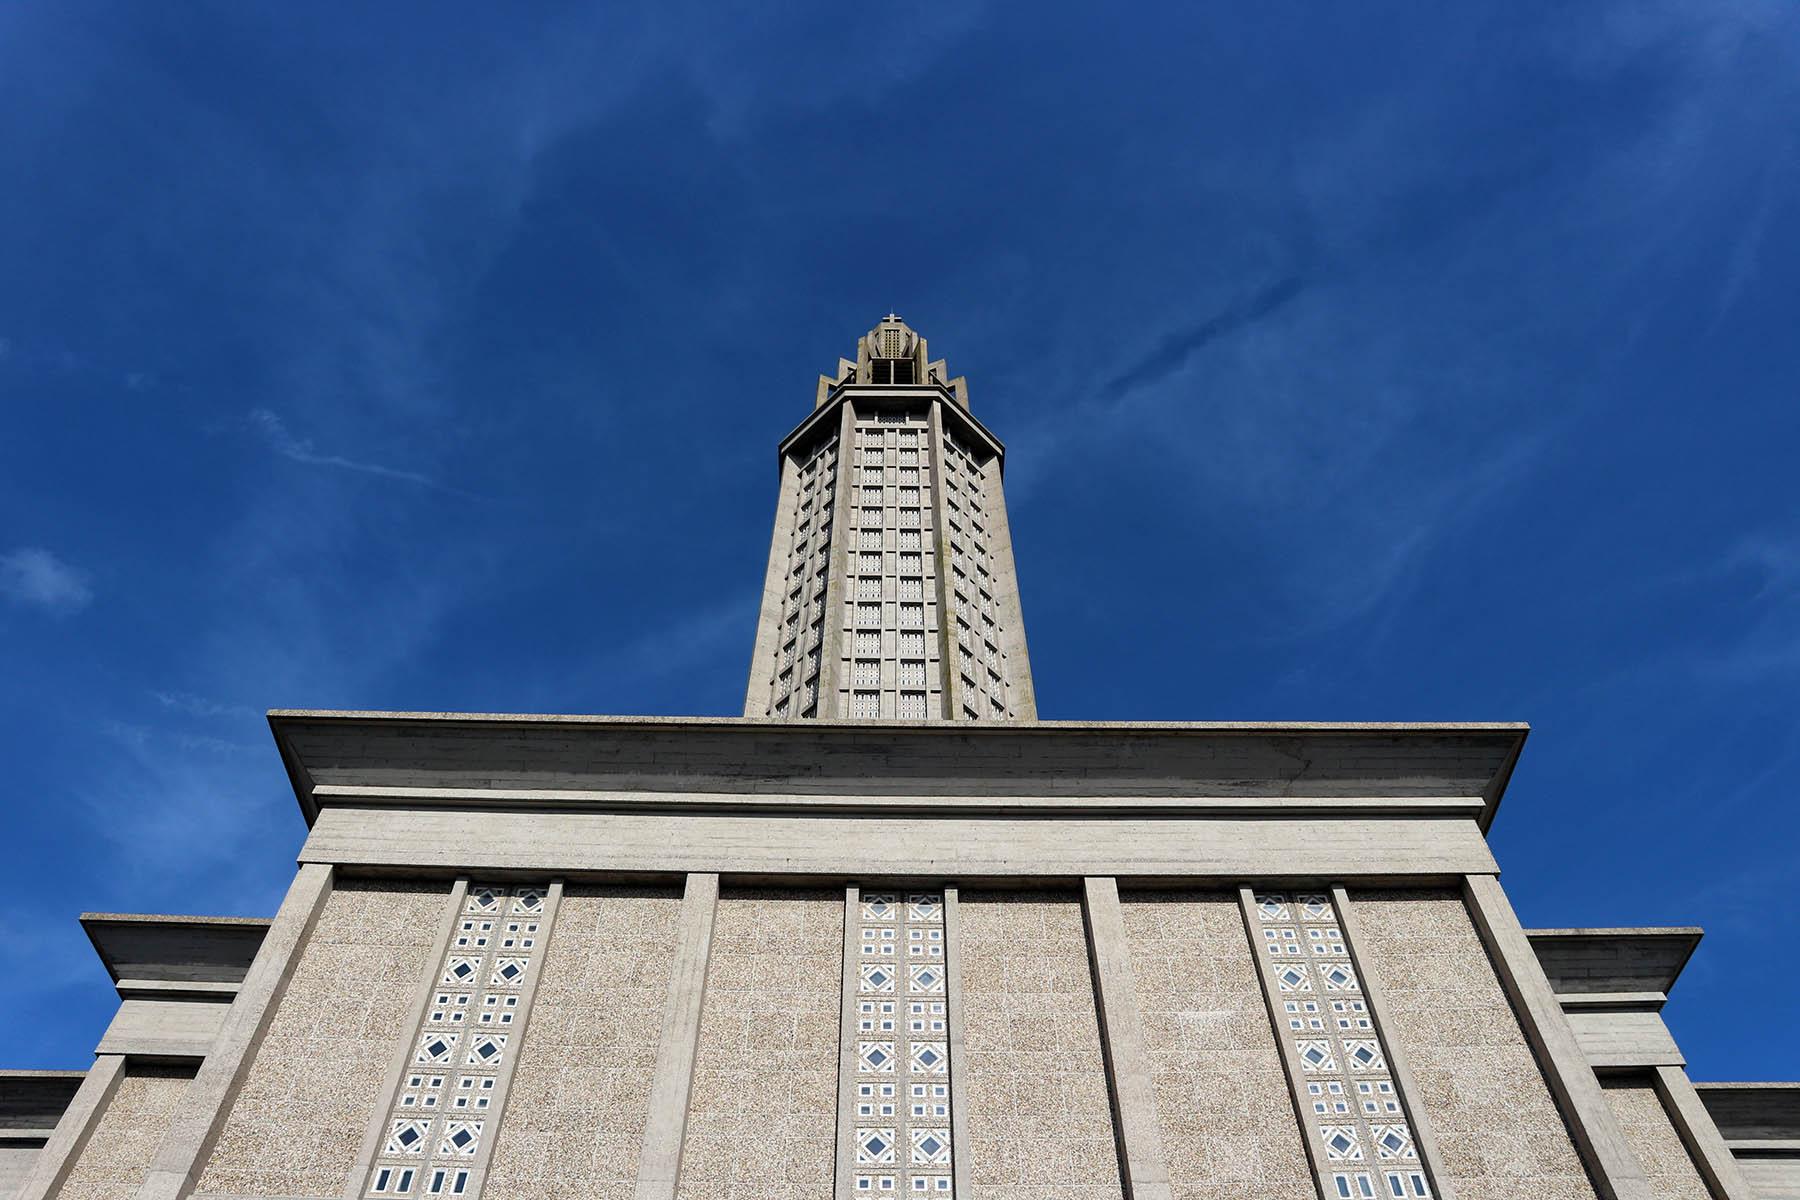 Église Saint-Joseph du Havre. Monochrome Monumentalität von außen ...